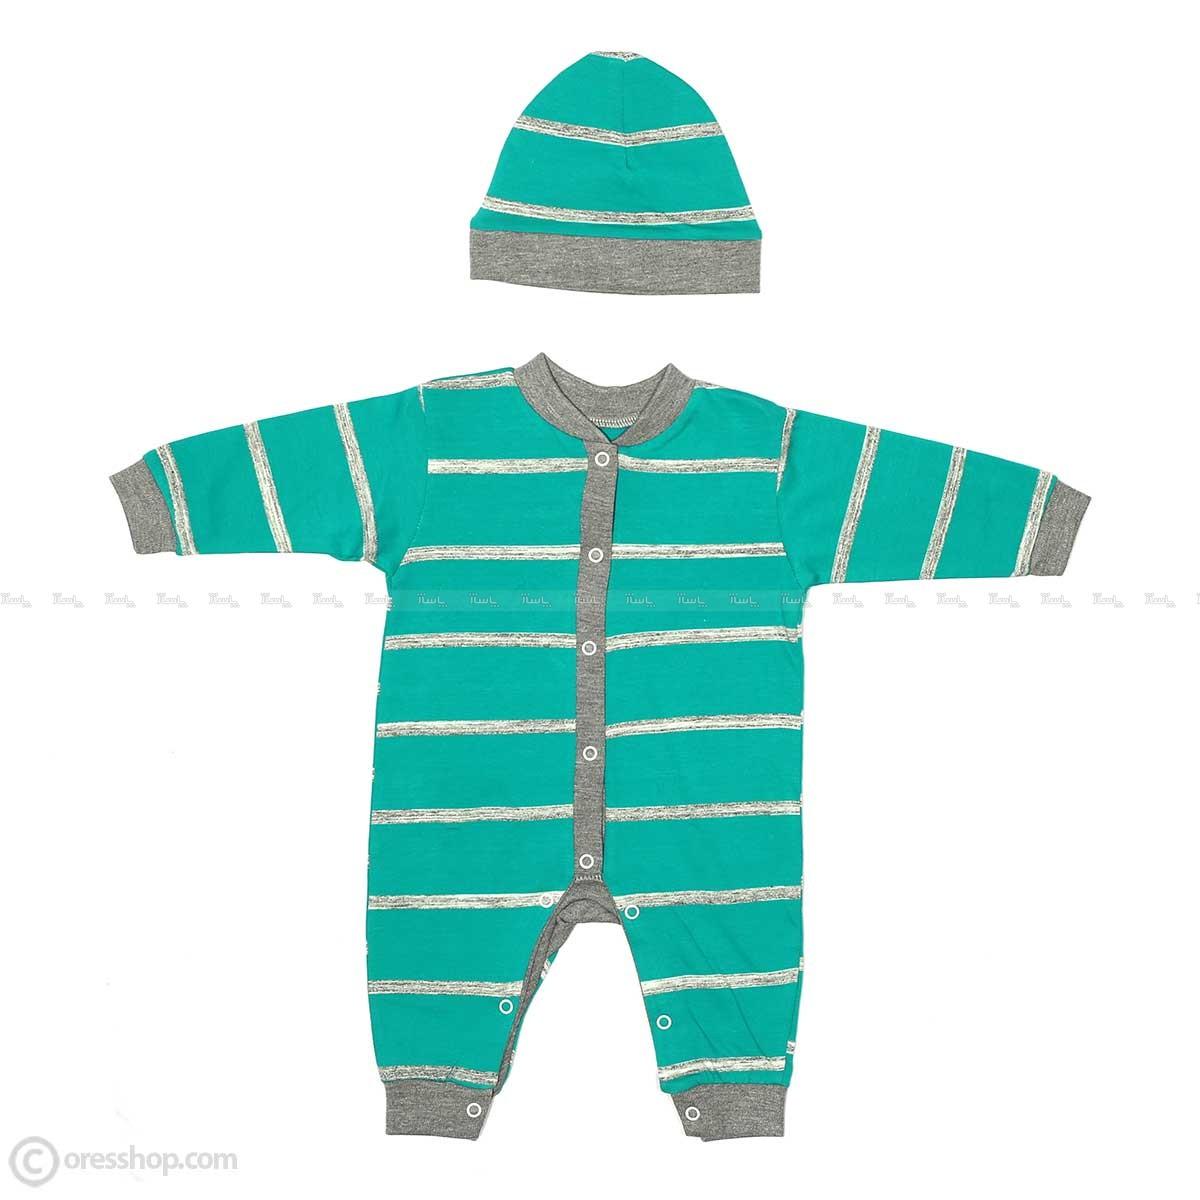 سرهمی و کلاه نوزادی راه راه سبزآبی-تصویر اصلی